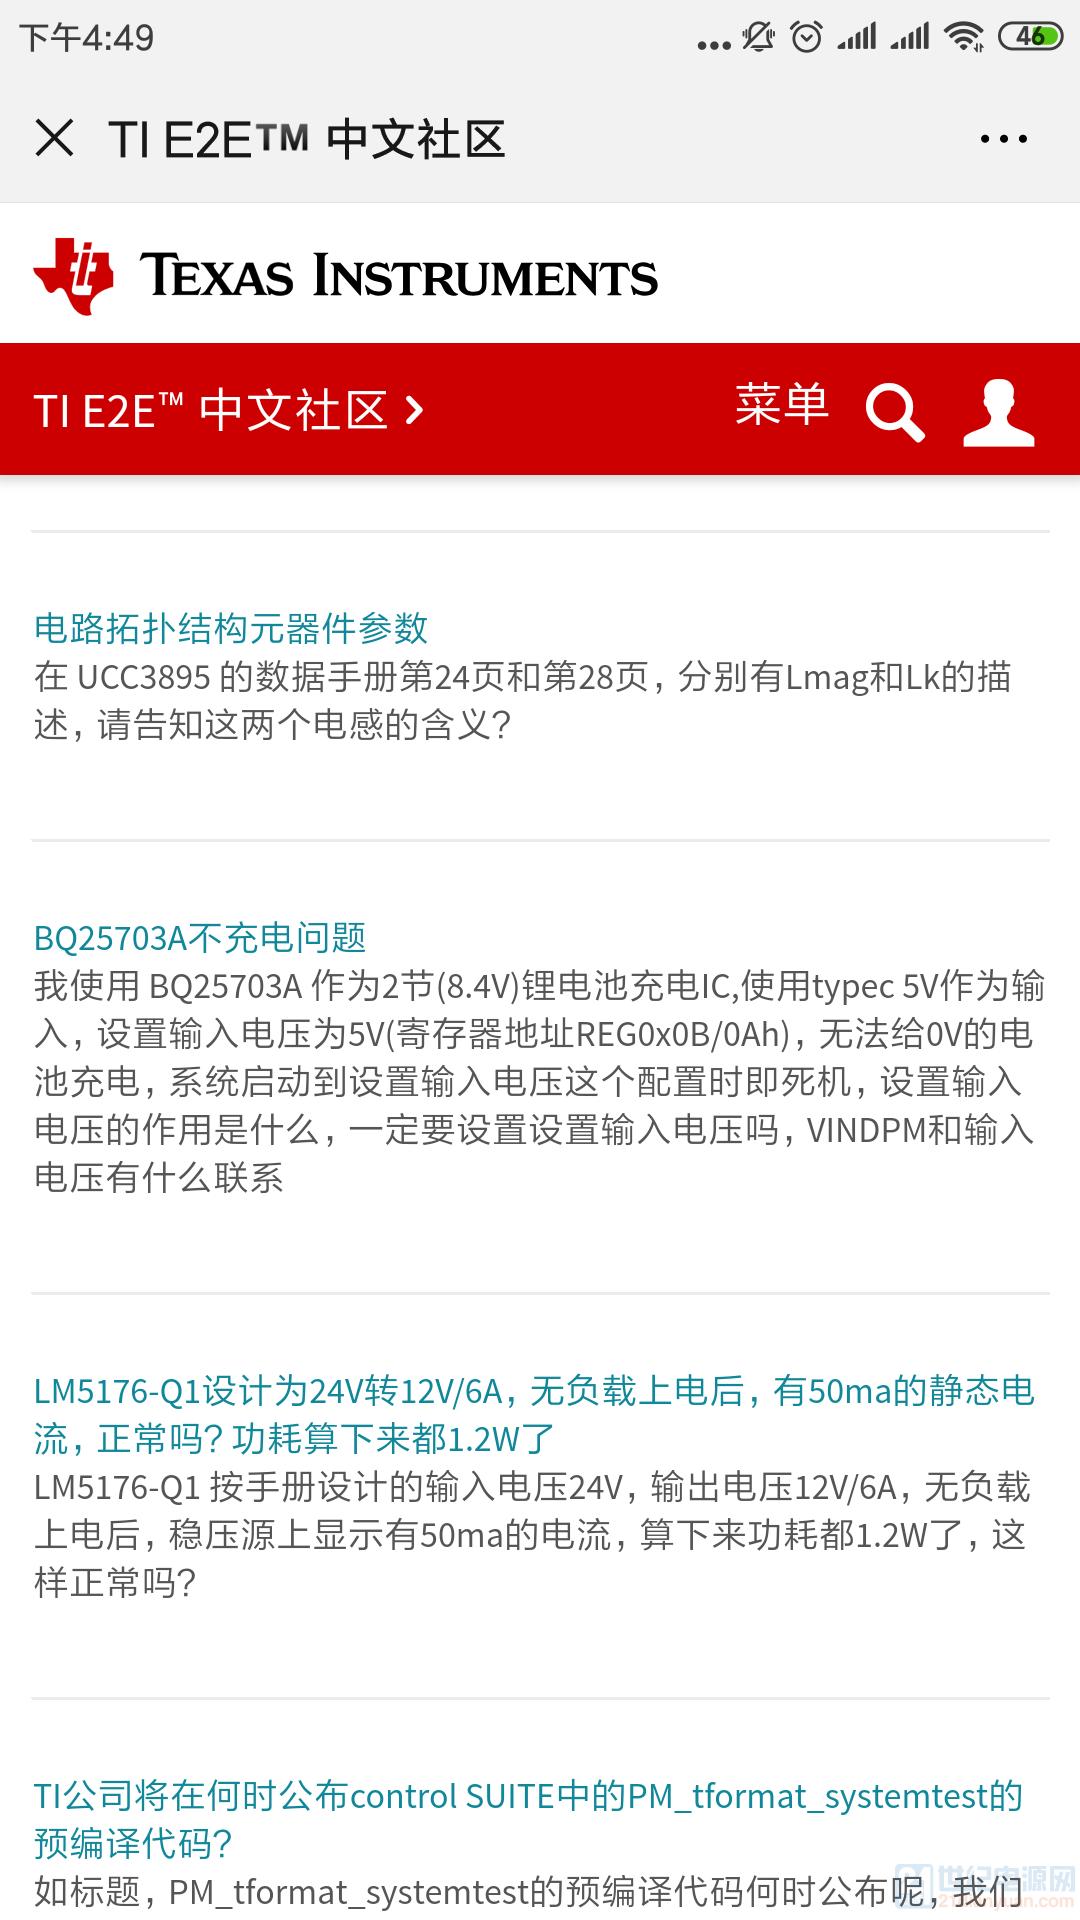 Screenshot_2019-11-12-16-49-10-033_com.tencent.mm.png